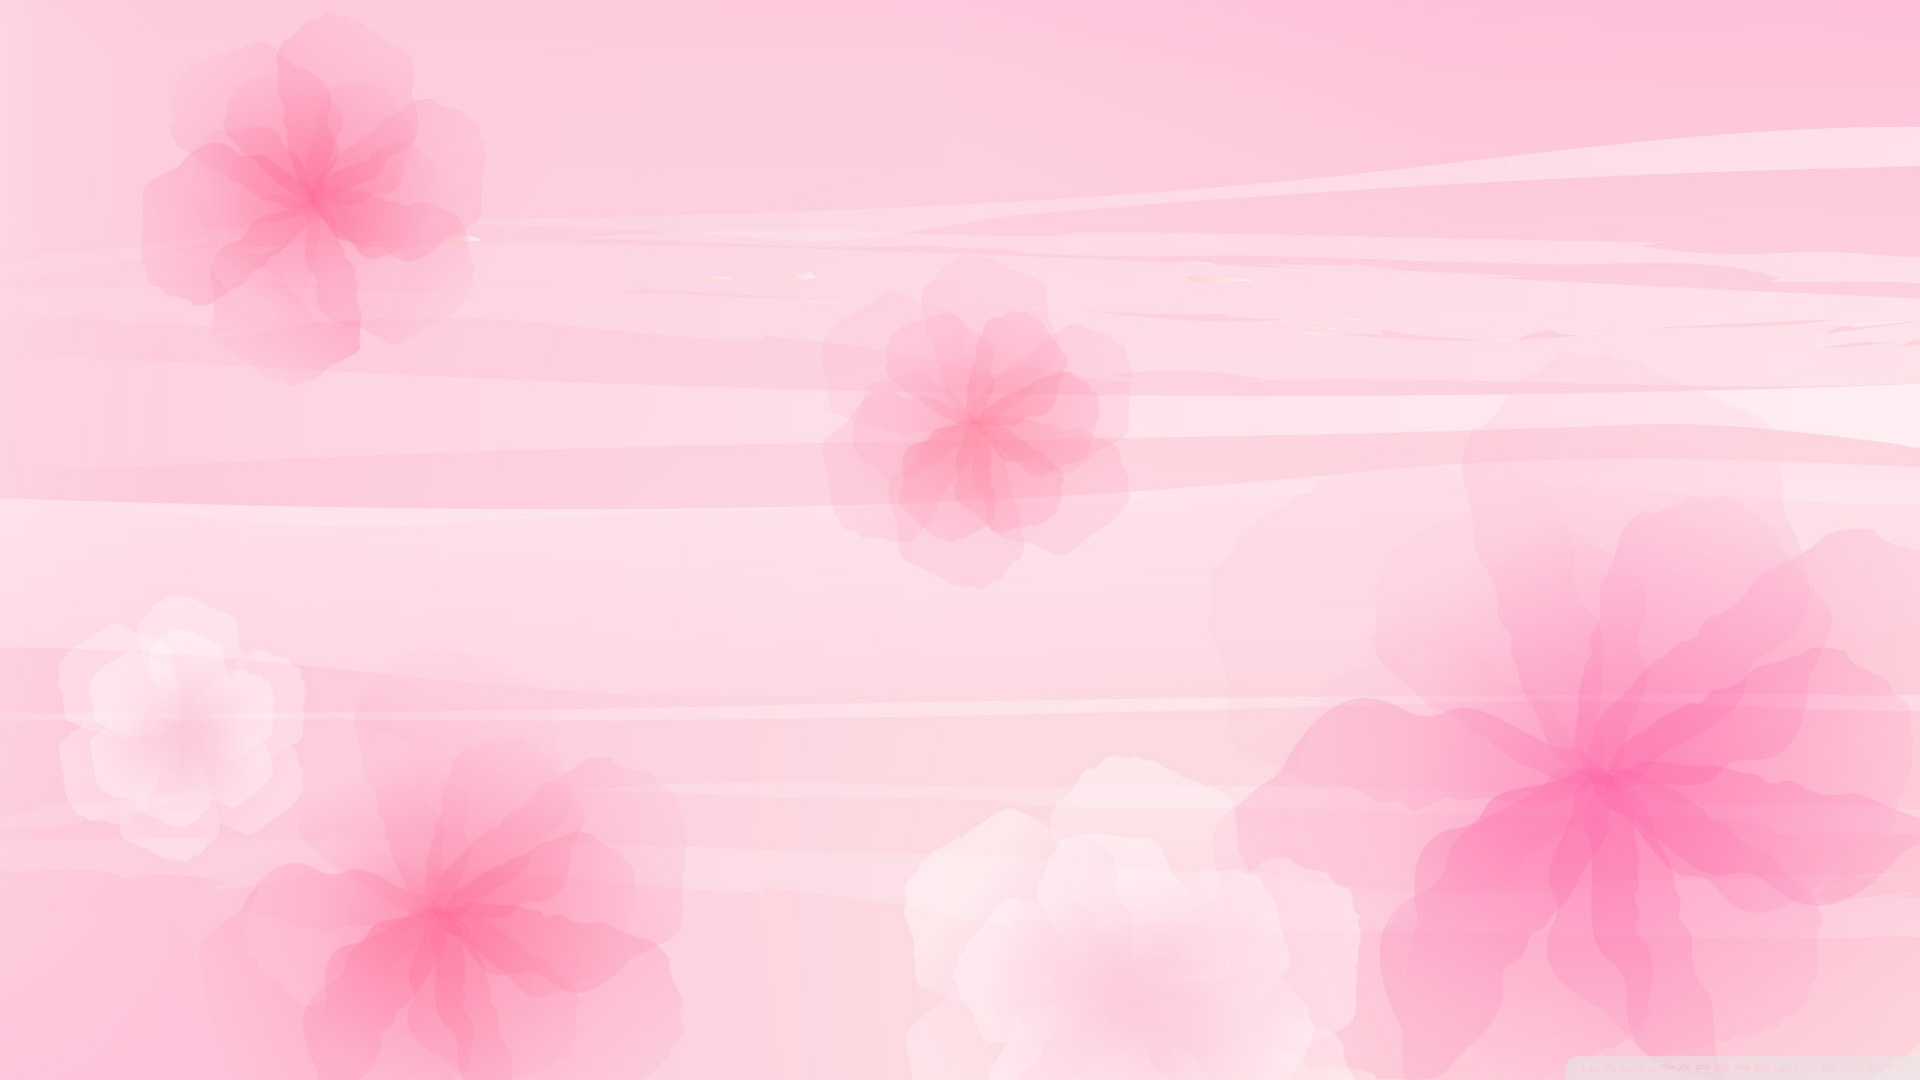 Pink Wallpaper   Colors Wallpaper 34511779 1920x1080